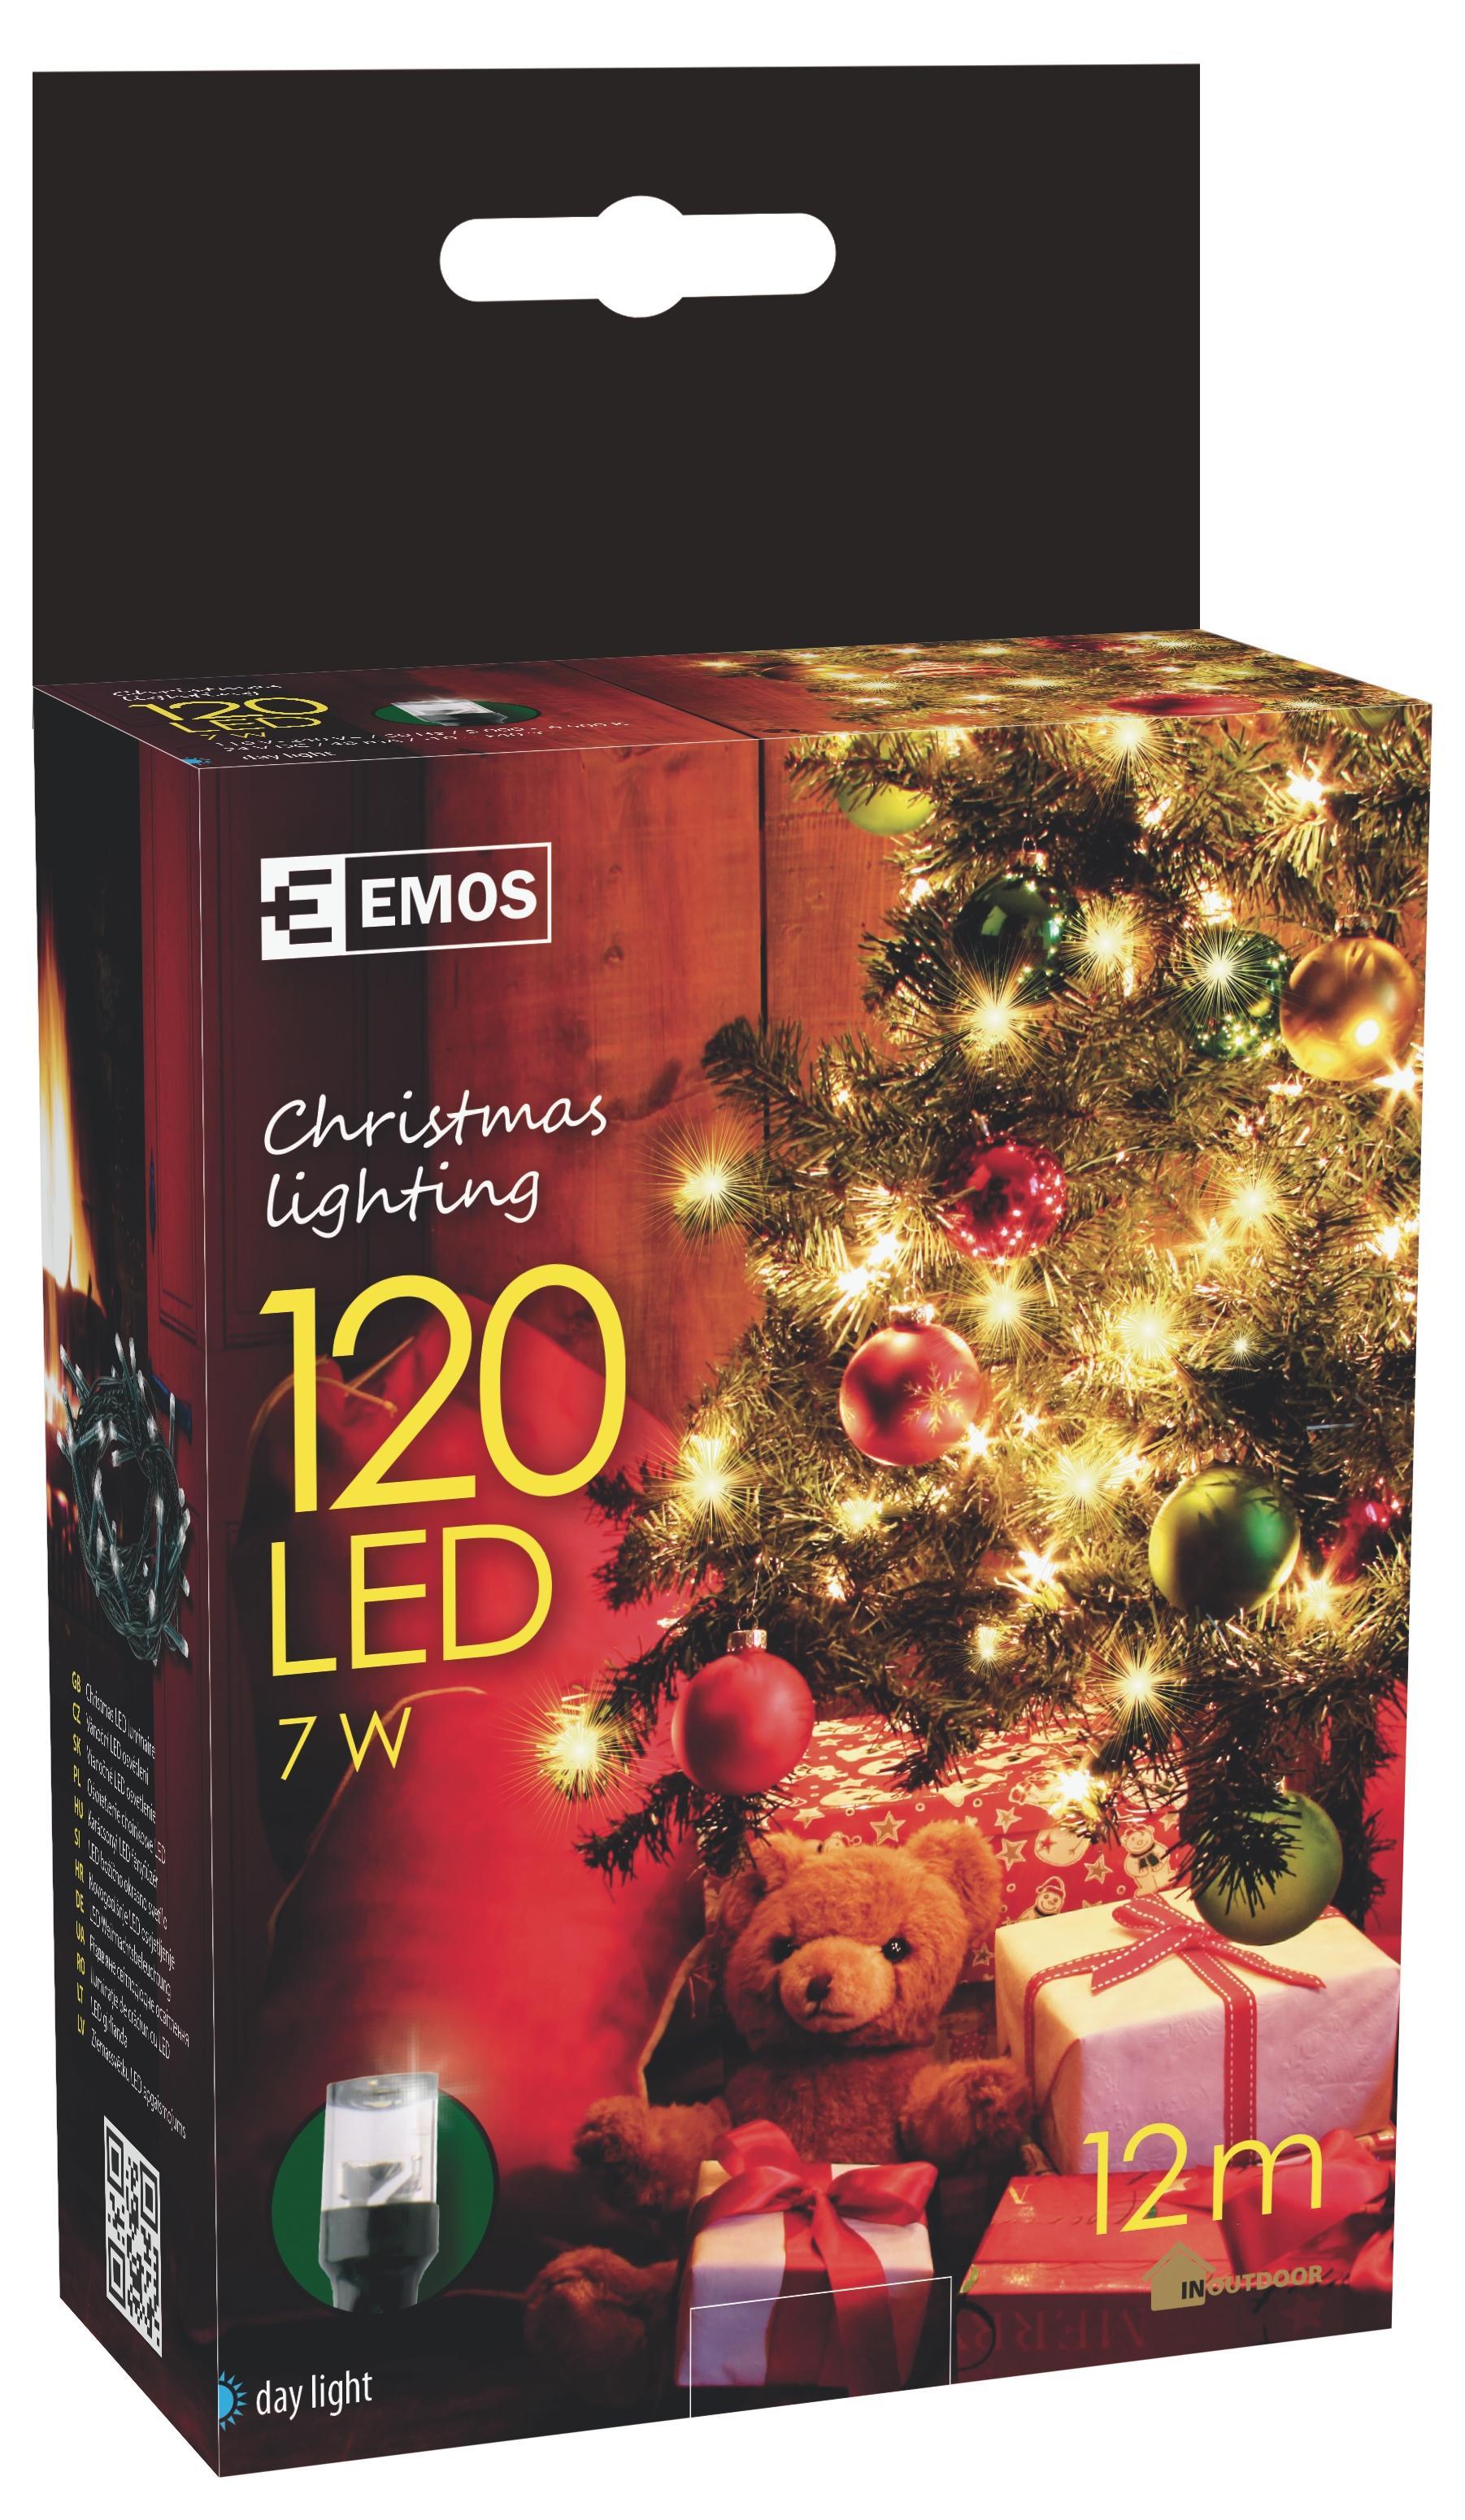 120 LED vánoční osvětlení 12M IP44 denní světlo